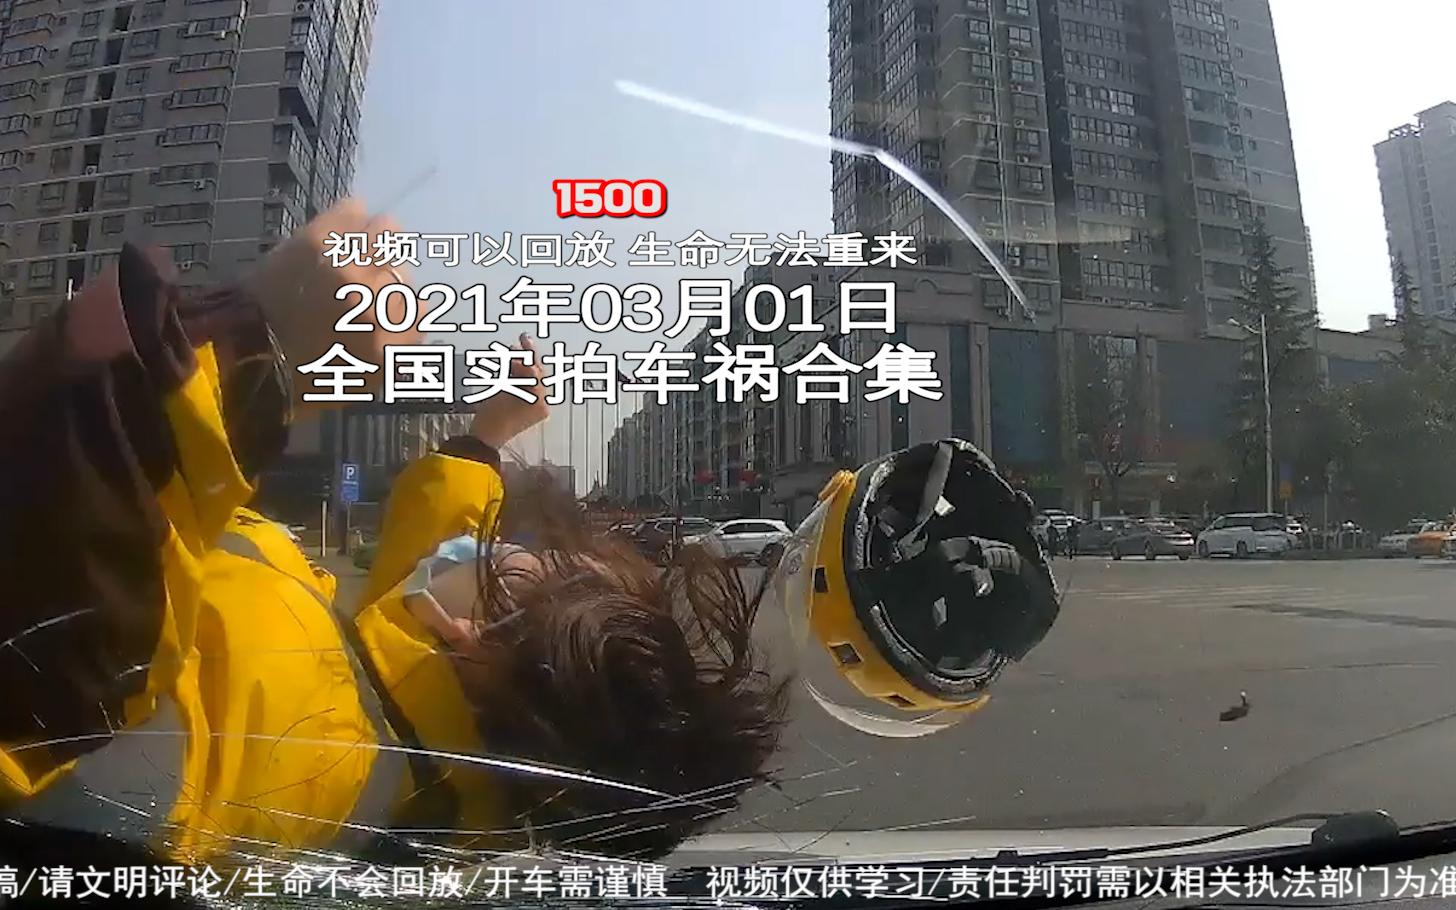 1500期:踩死油门不松脚,撞塌600年祠堂【20210301全国车祸合集】